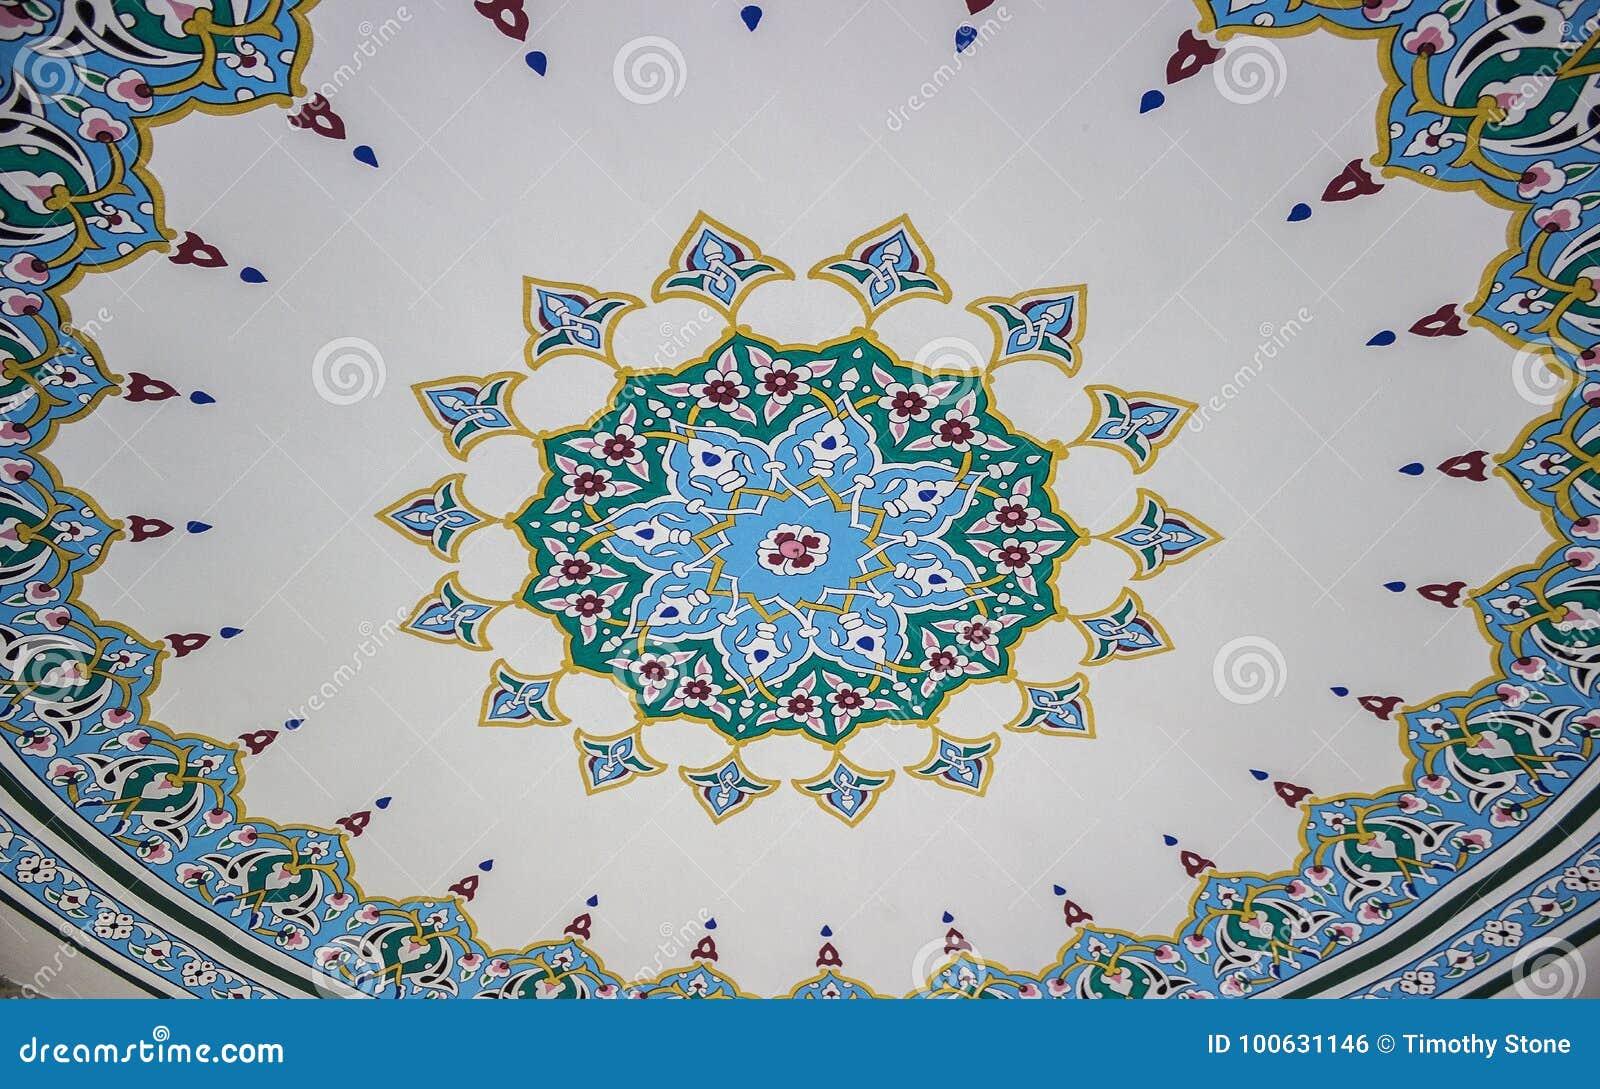 Islamisches Deckenkunstmuster von einer türkischen Moschee